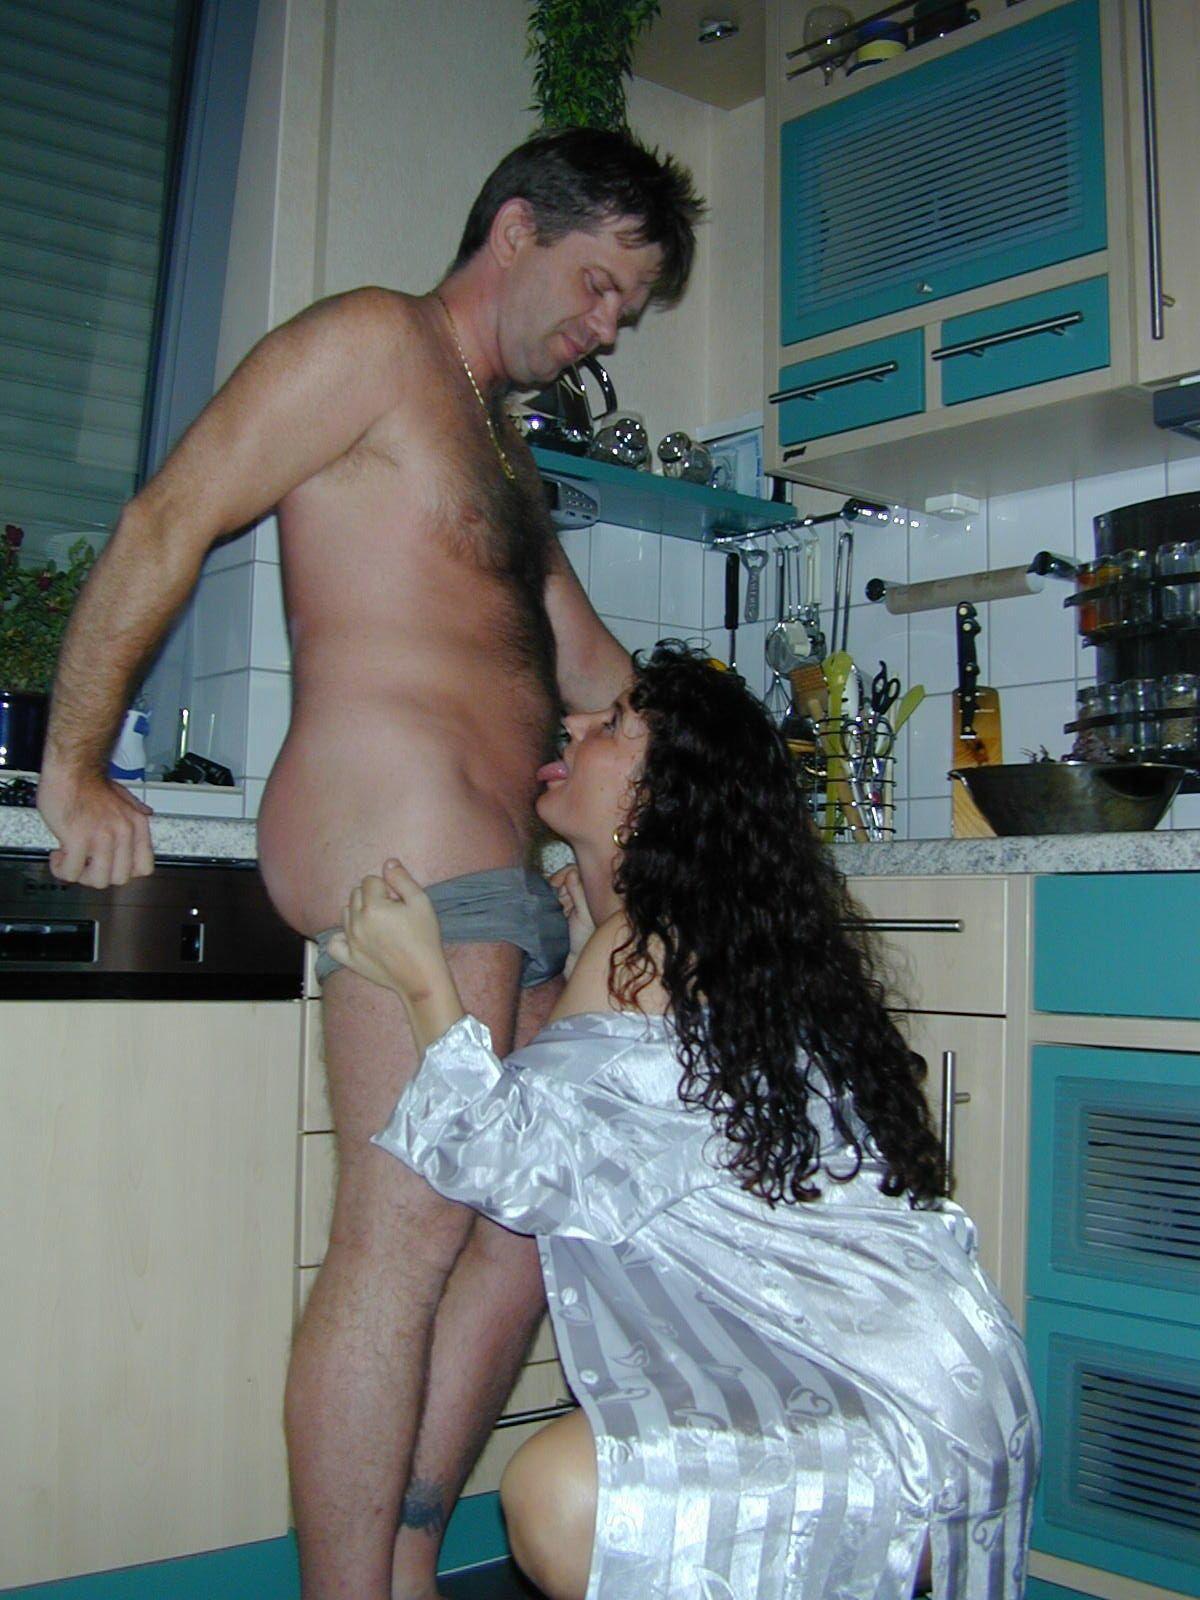 Беременная мамка сосет избраннику на кухне